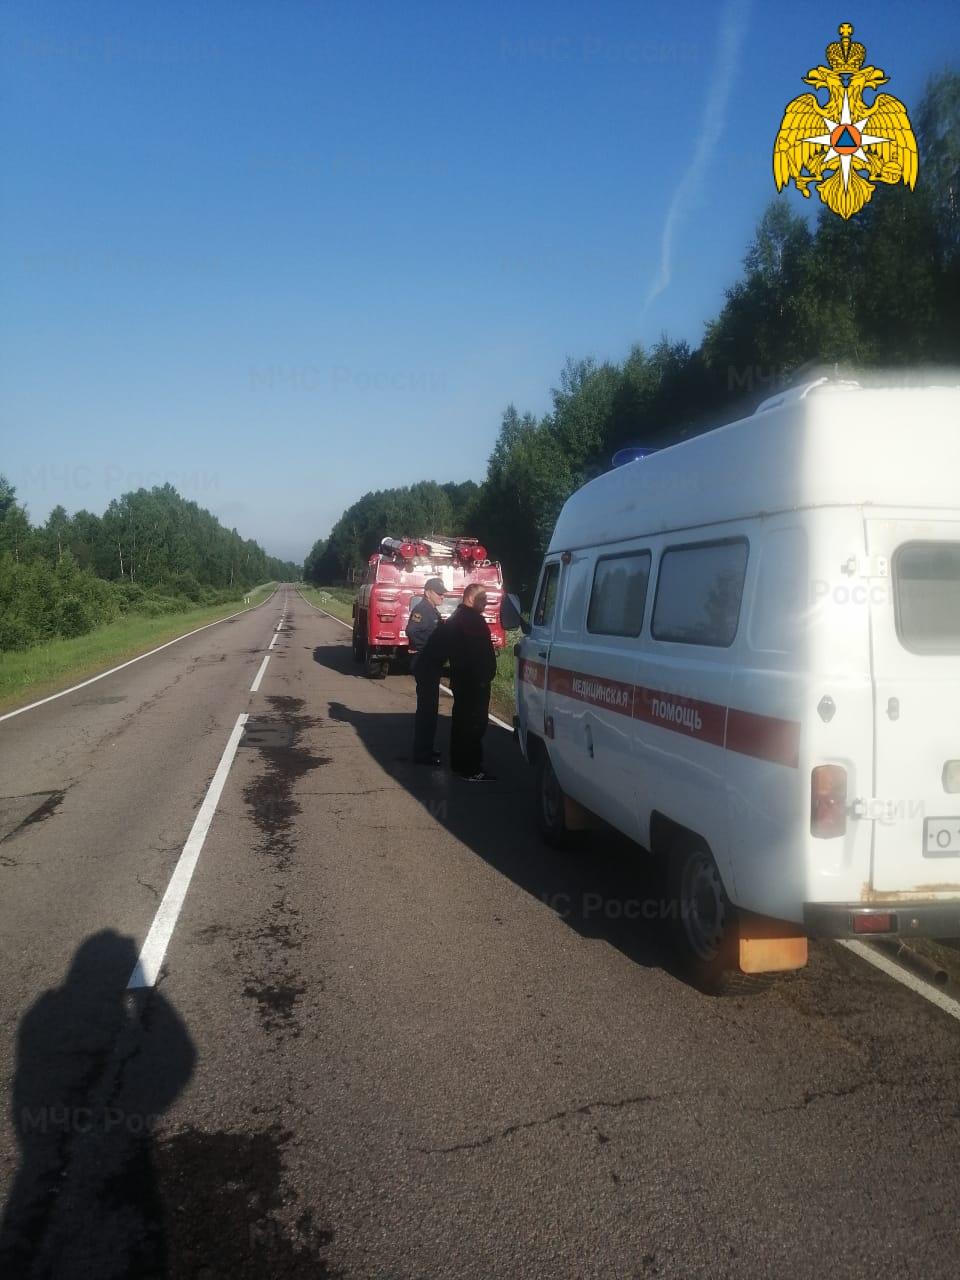 Спасатели МЧС принимали участие в ликвидации ДТП в Барятинсом районе, 107 км автодороги